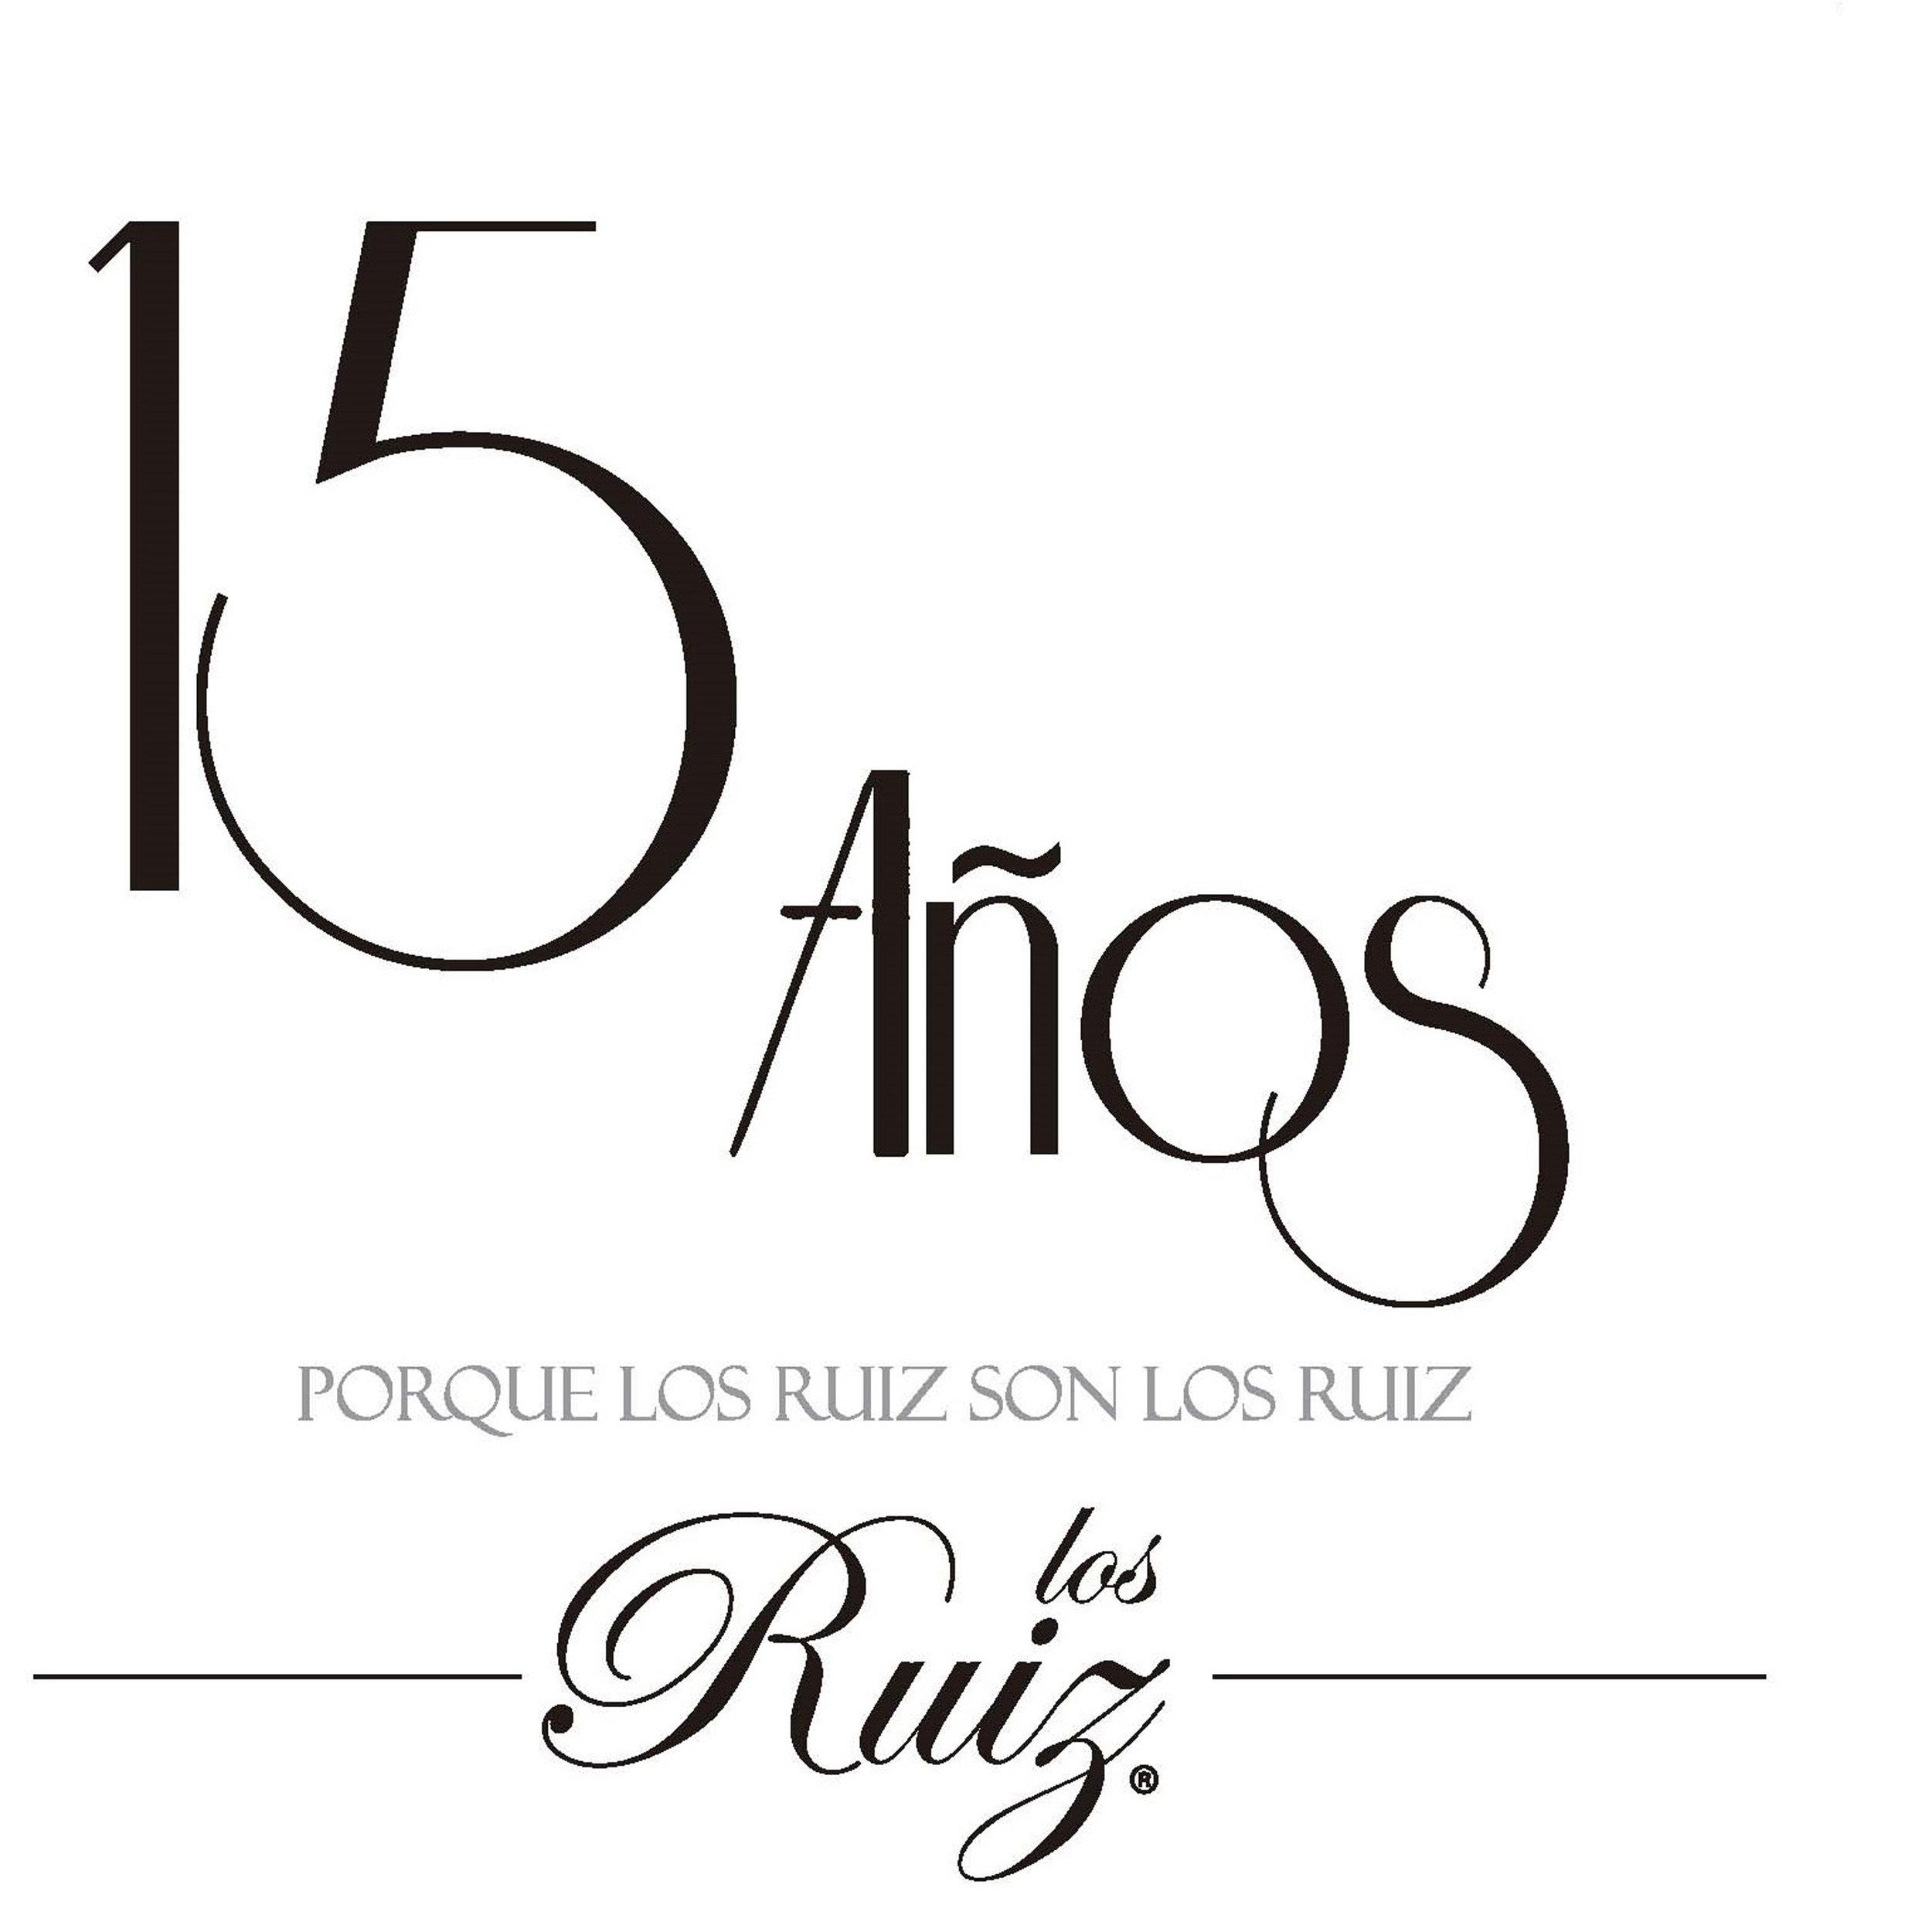 portada Los Ruiz 15 años.jpg